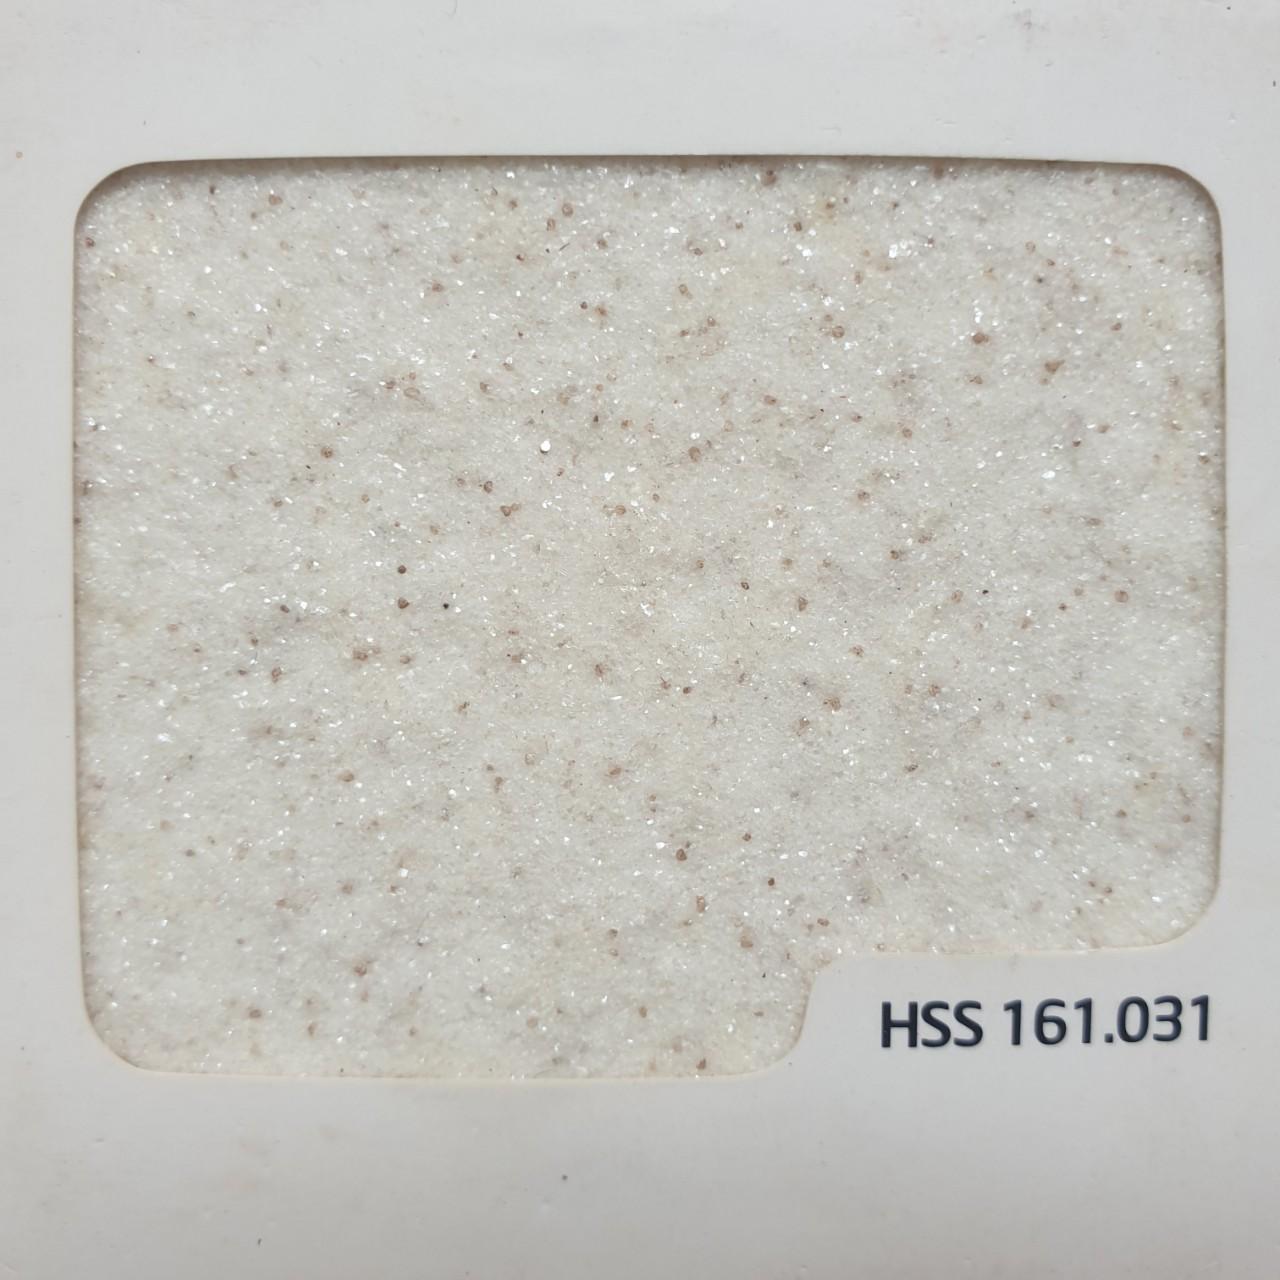 SƠN ĐA SẮC HGS 161.031